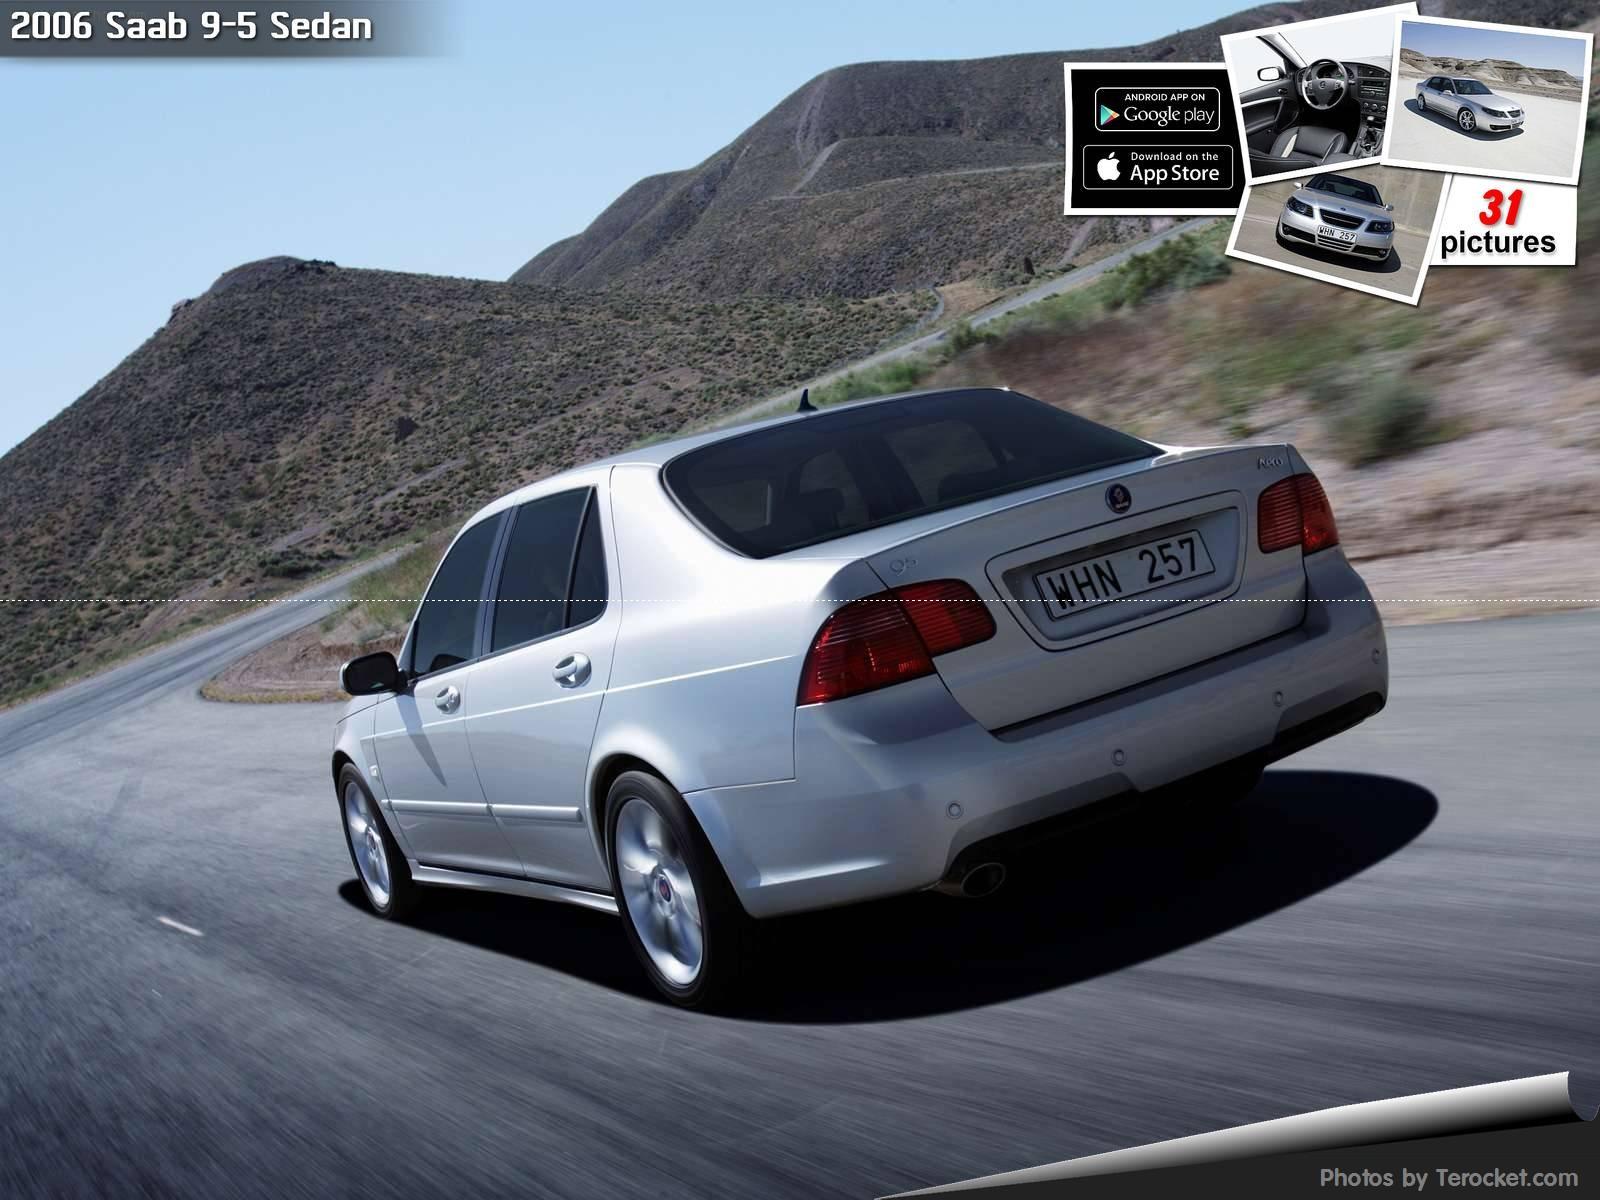 Hình ảnh xe ô tô Saab 9-5 Sedan 2006 & nội ngoại thất